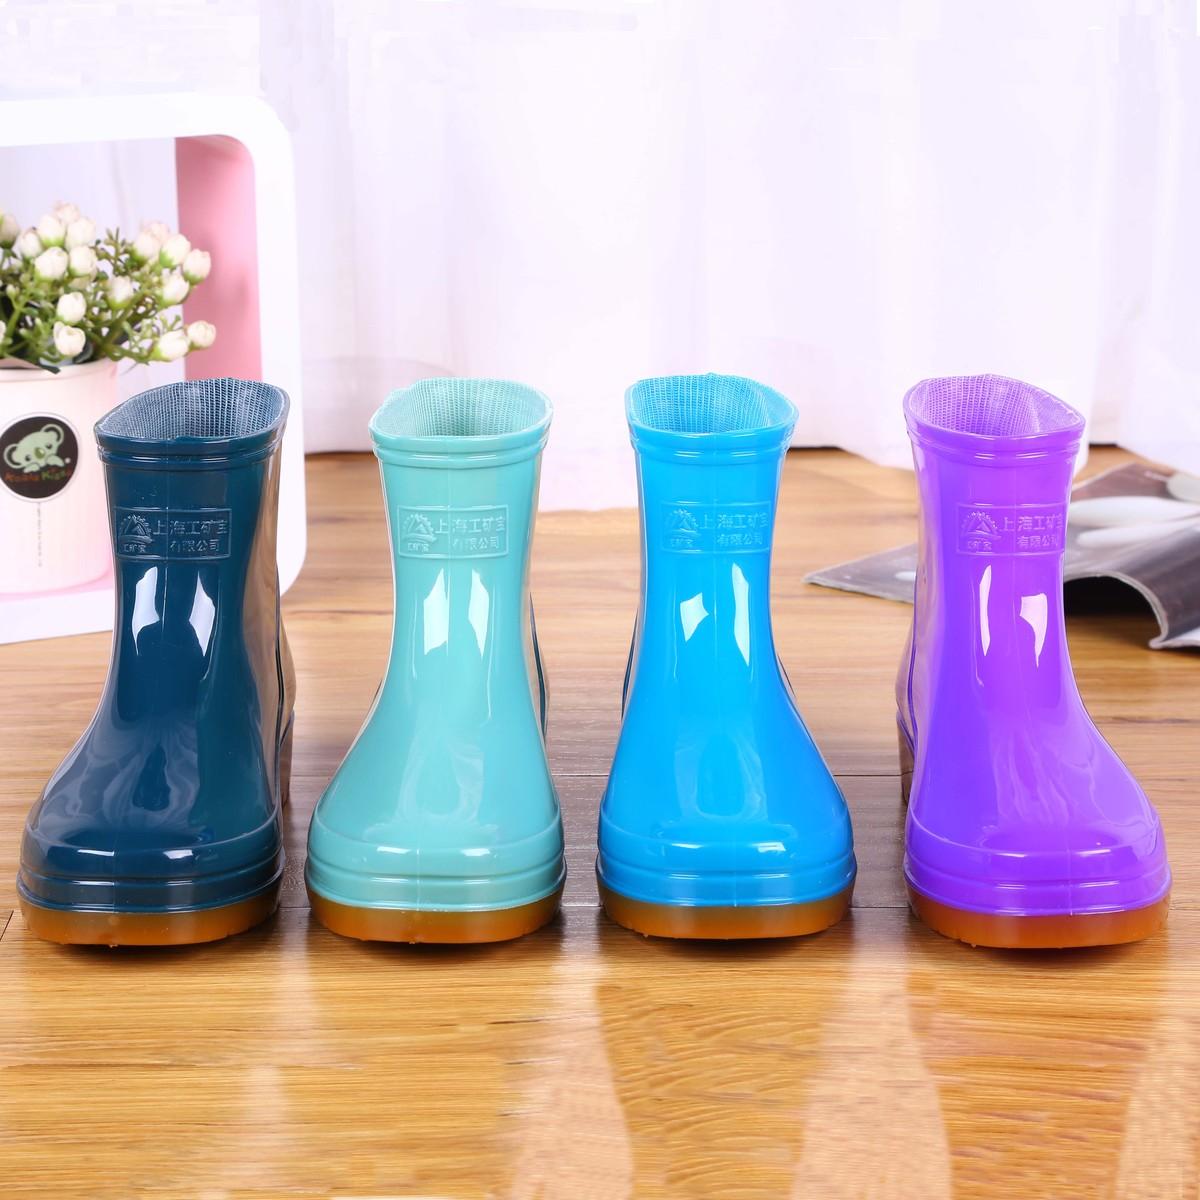 雨鞋雨靴胶靴防水鞋女厨房洗车短筒平底胶鞋套鞋成人韩国防滑夏季